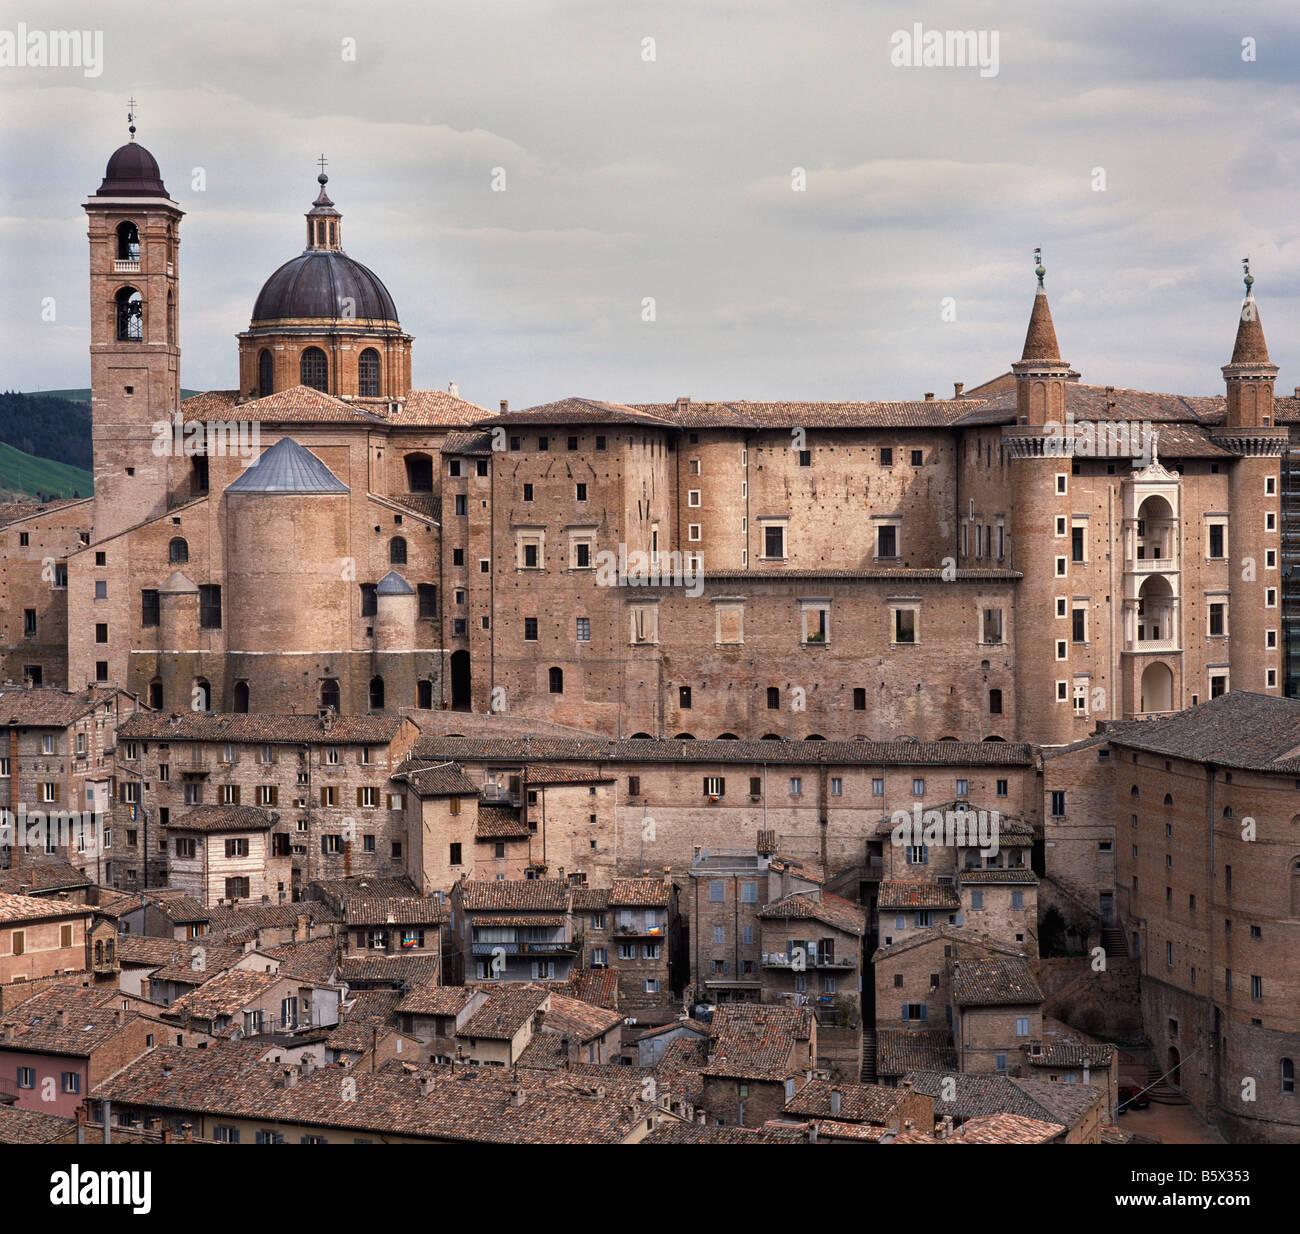 Italy: Marche: Urbino - Stock Image